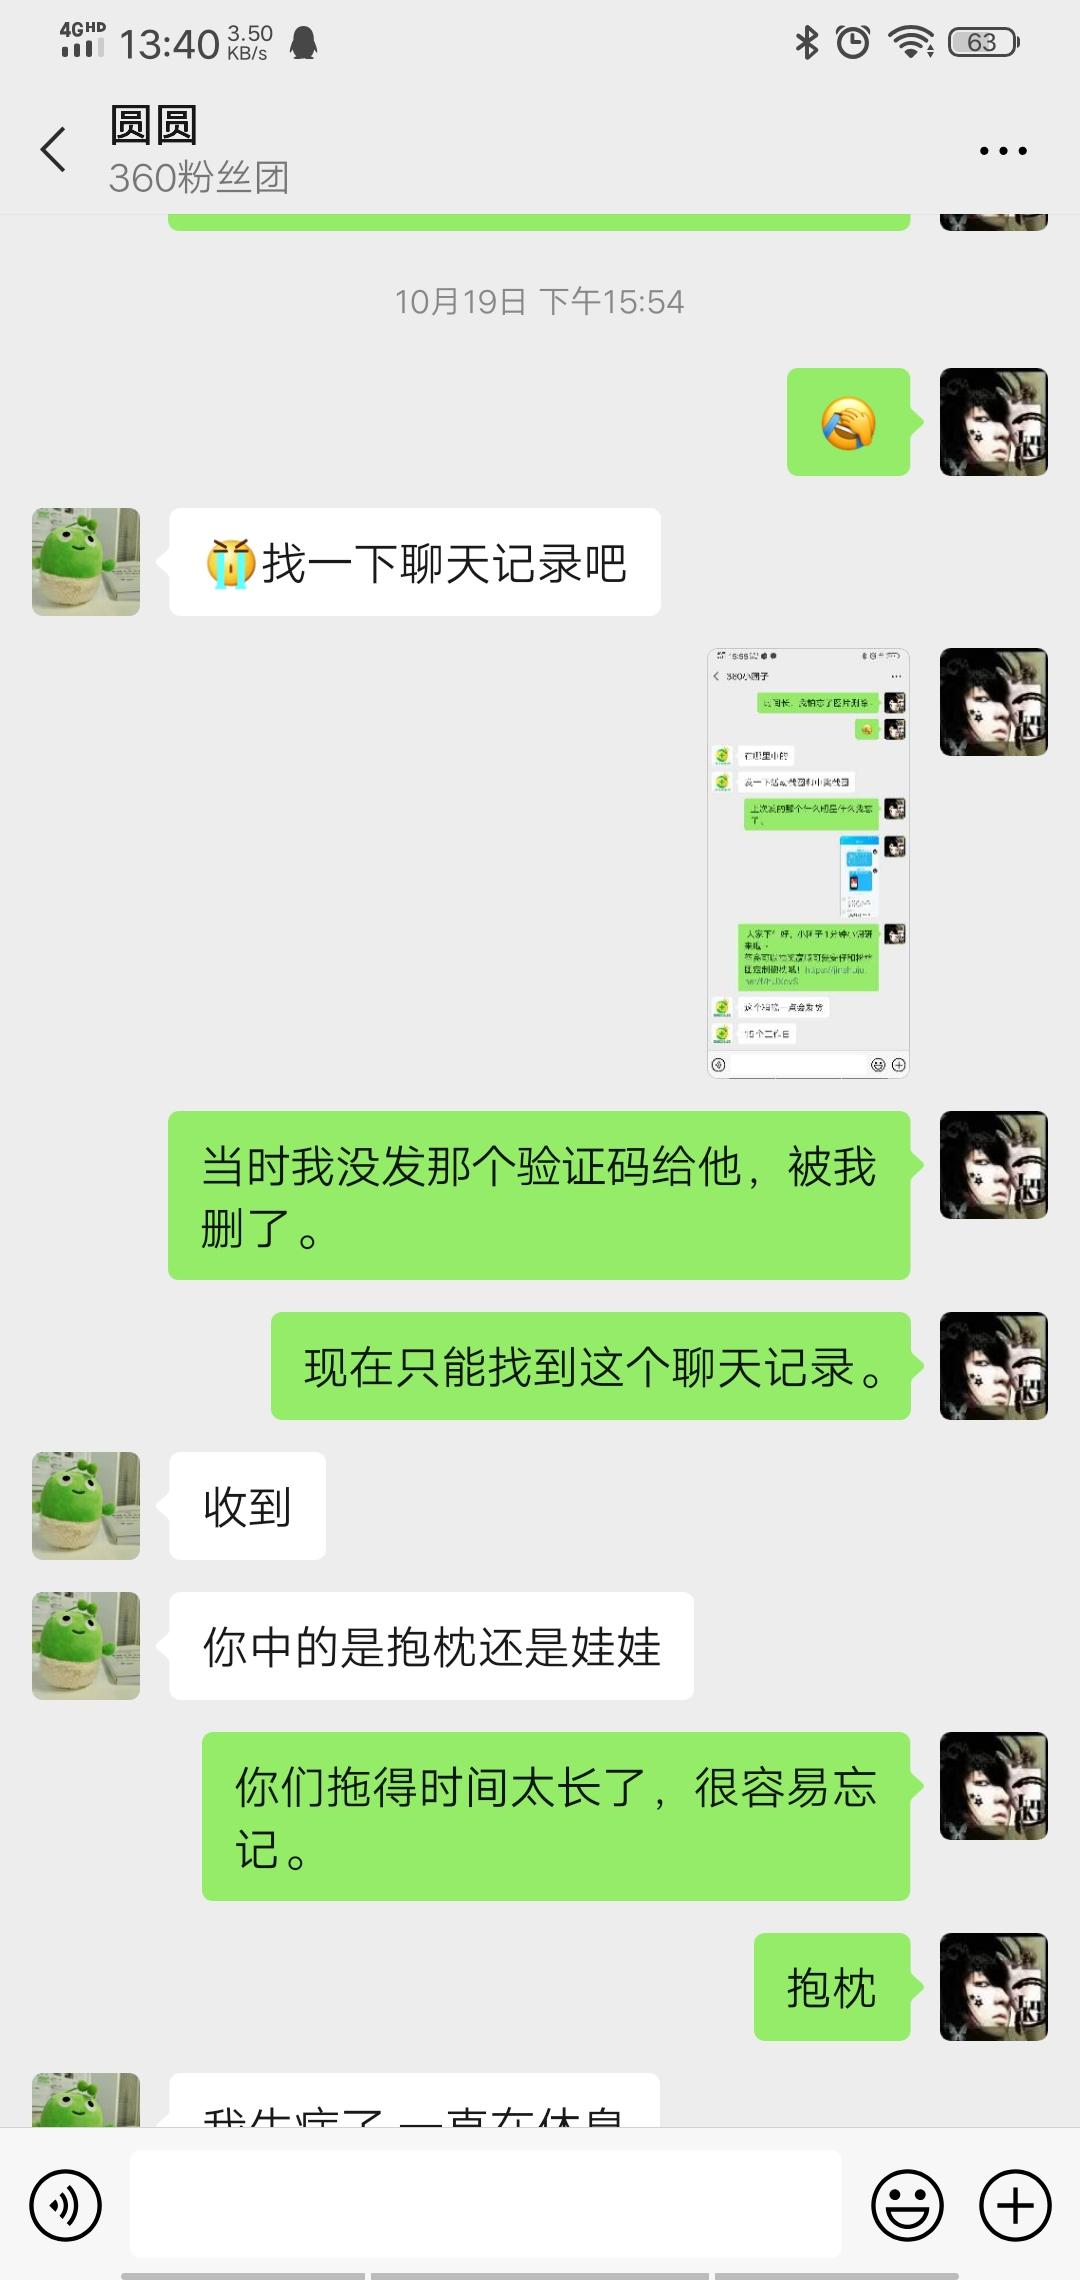 Screenshot_20201031_134049.jpg